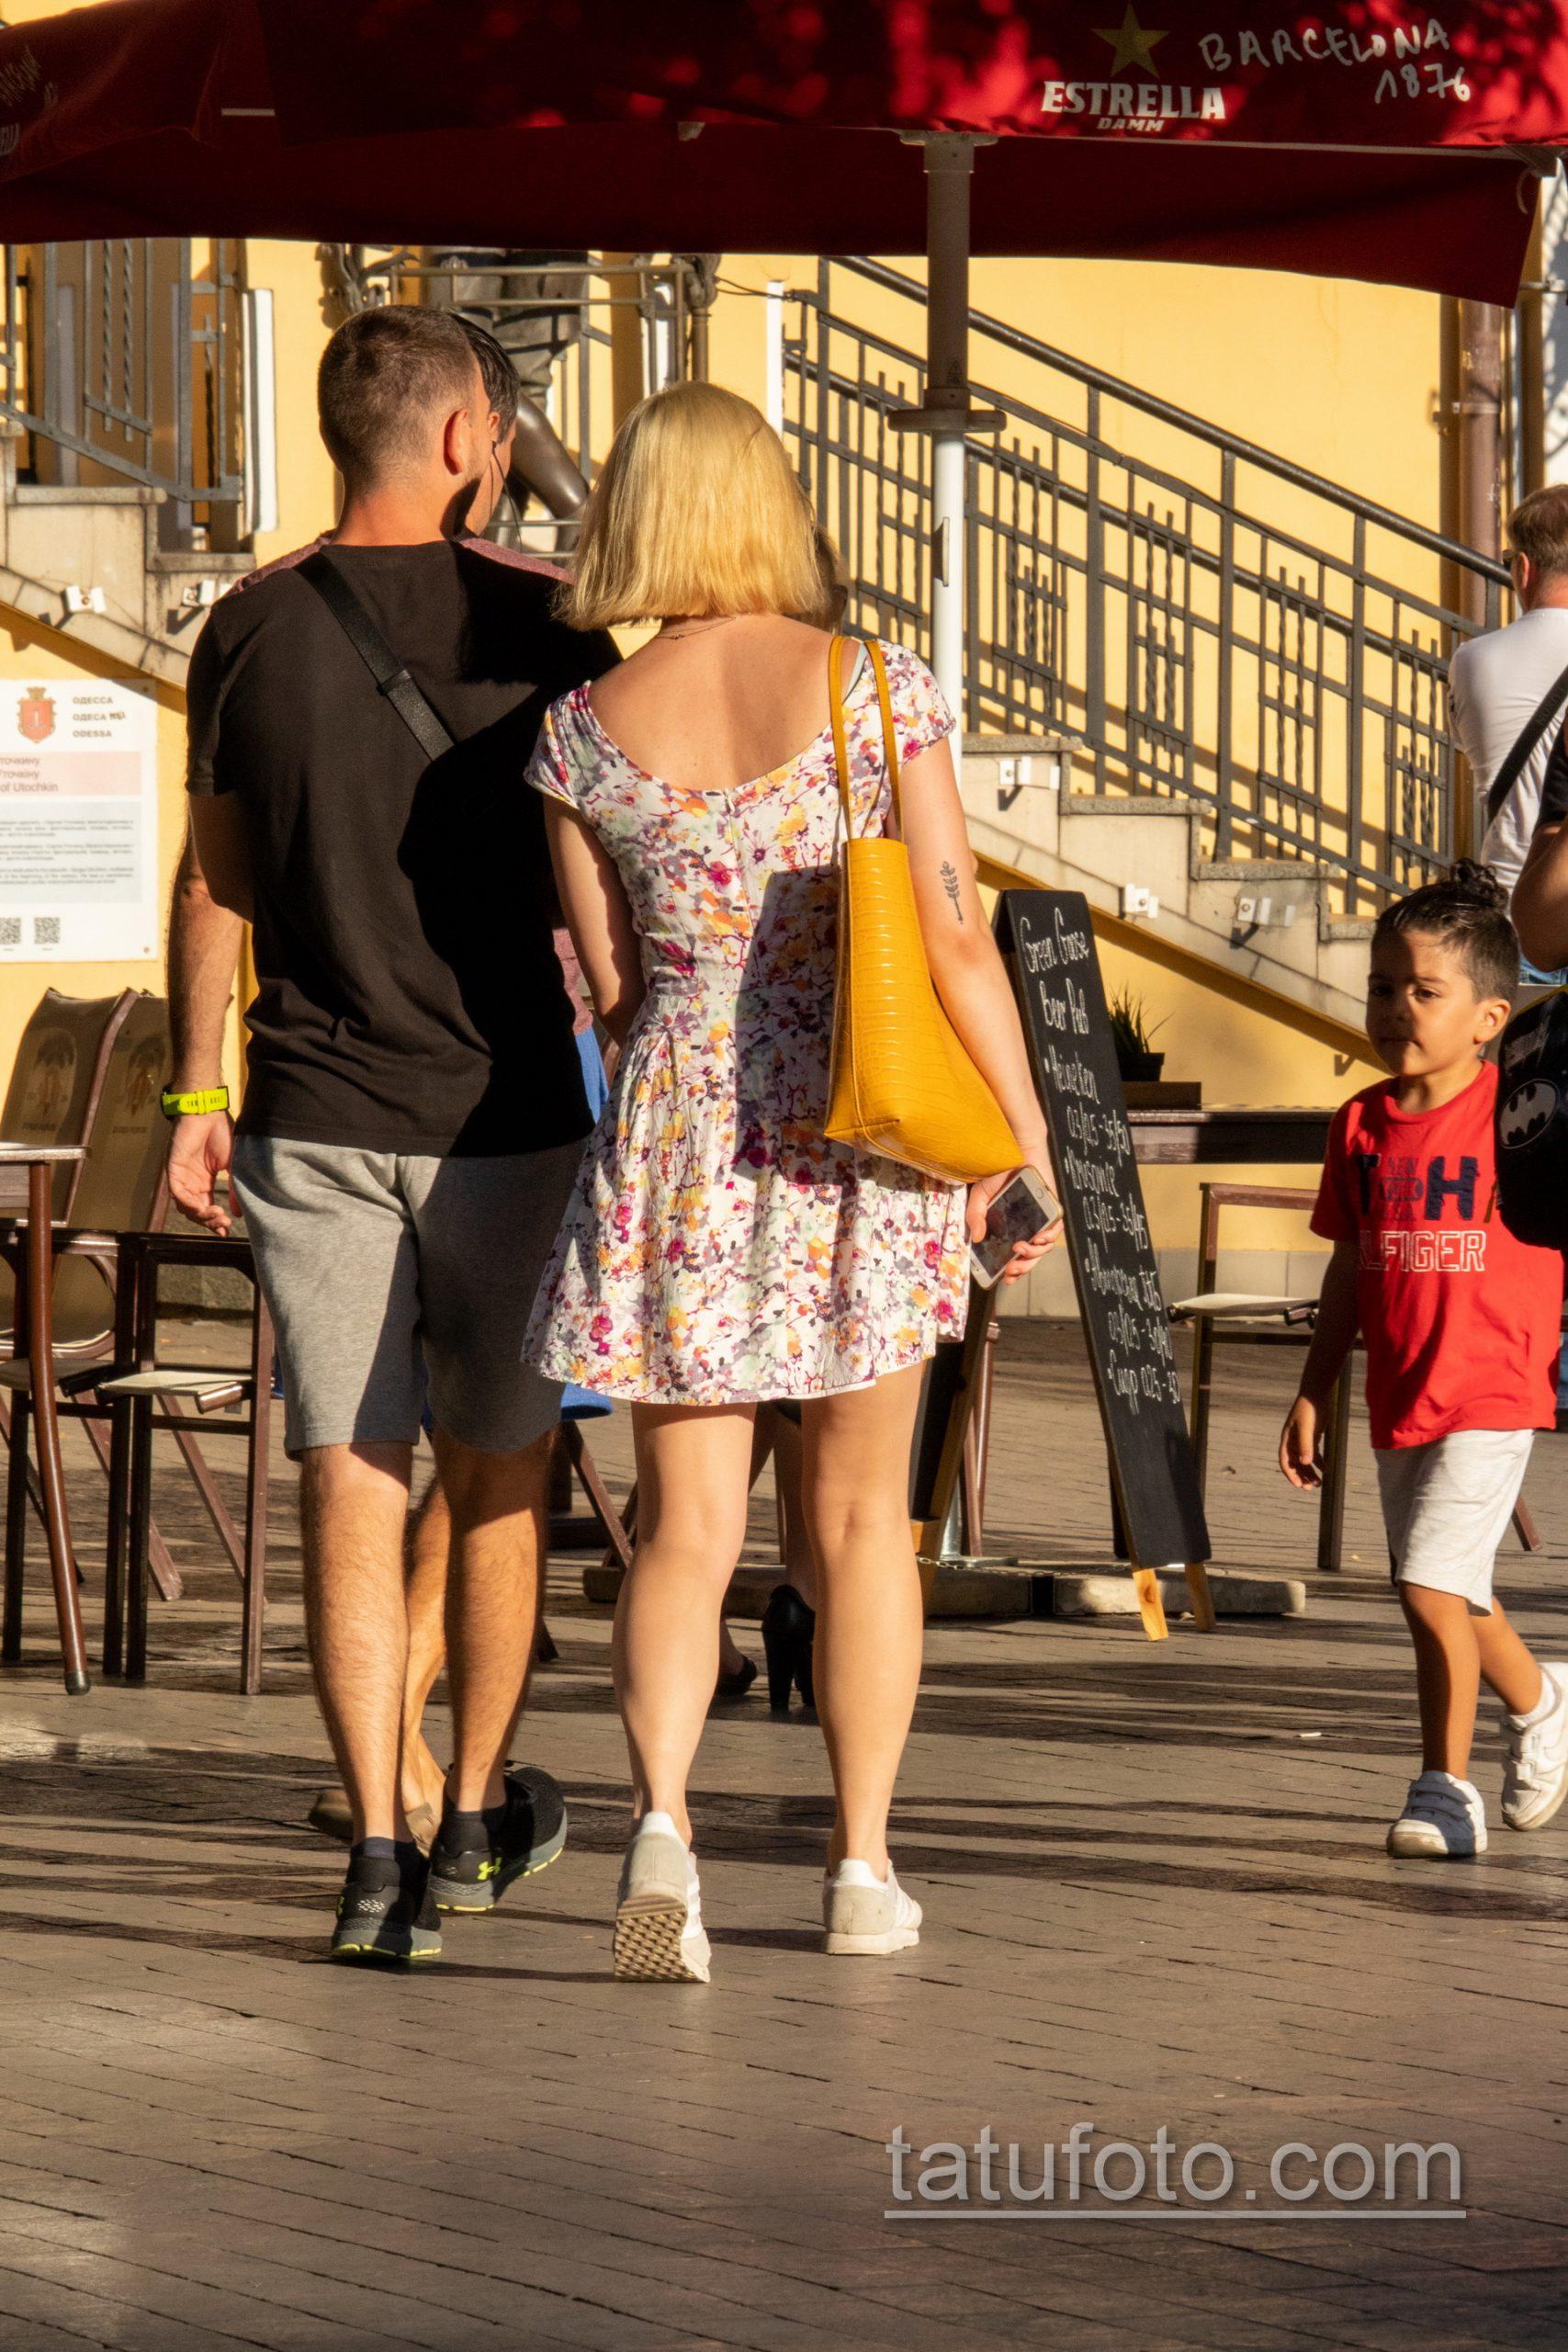 Татуировка с колоском на руке у девушки – Уличная татуировка 14.09.2020 – tatufoto.com 7